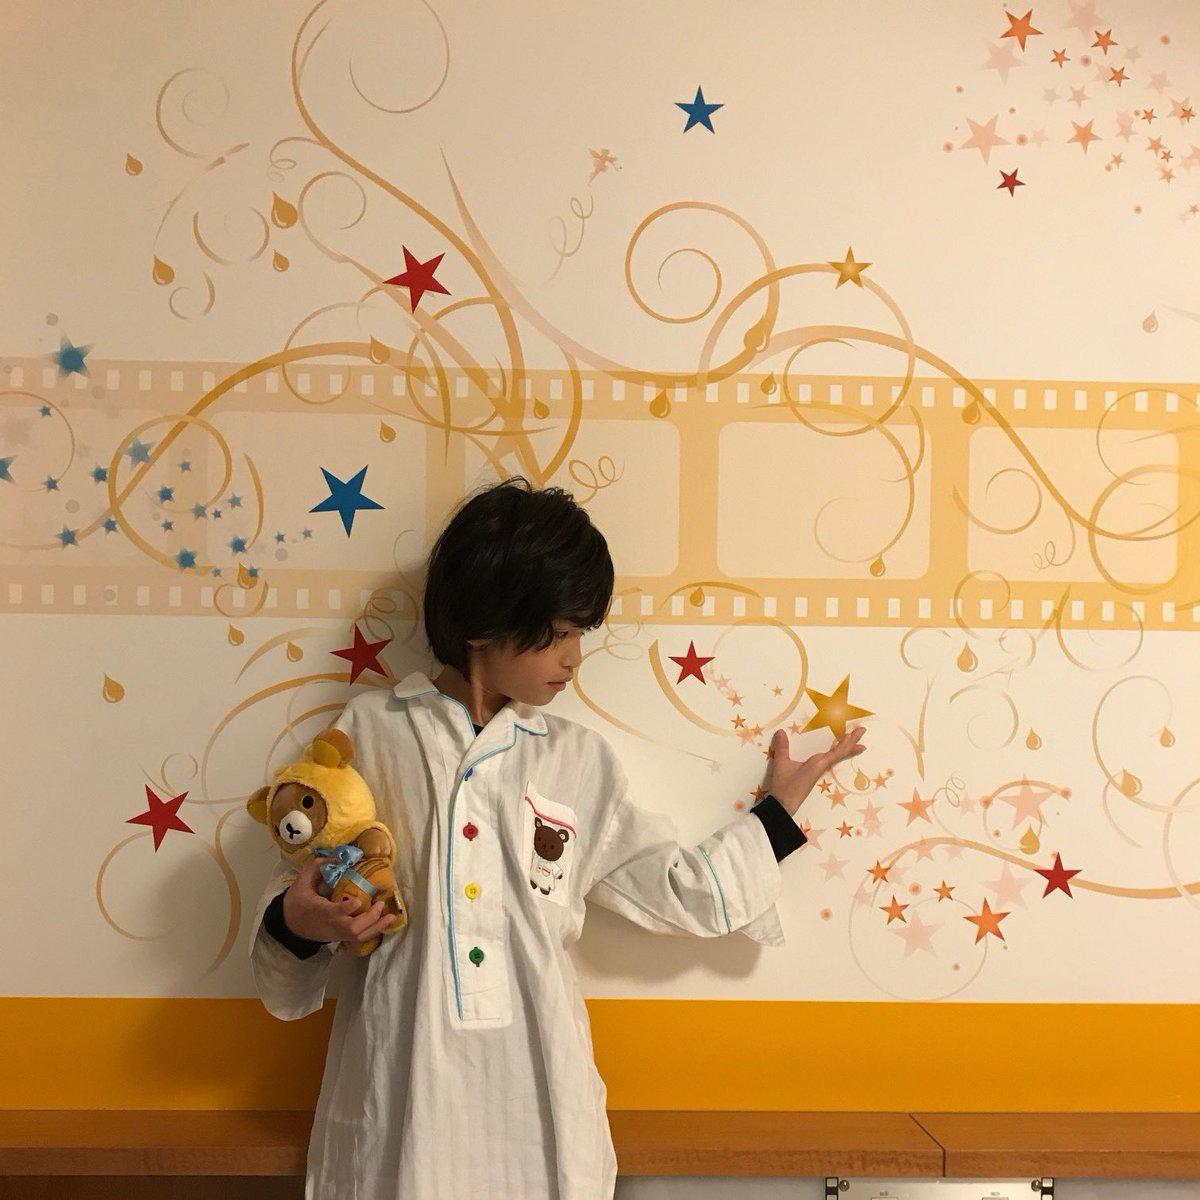 スターダスト福岡営業所 على تويتر くまさん柄のルームウェアと星柄